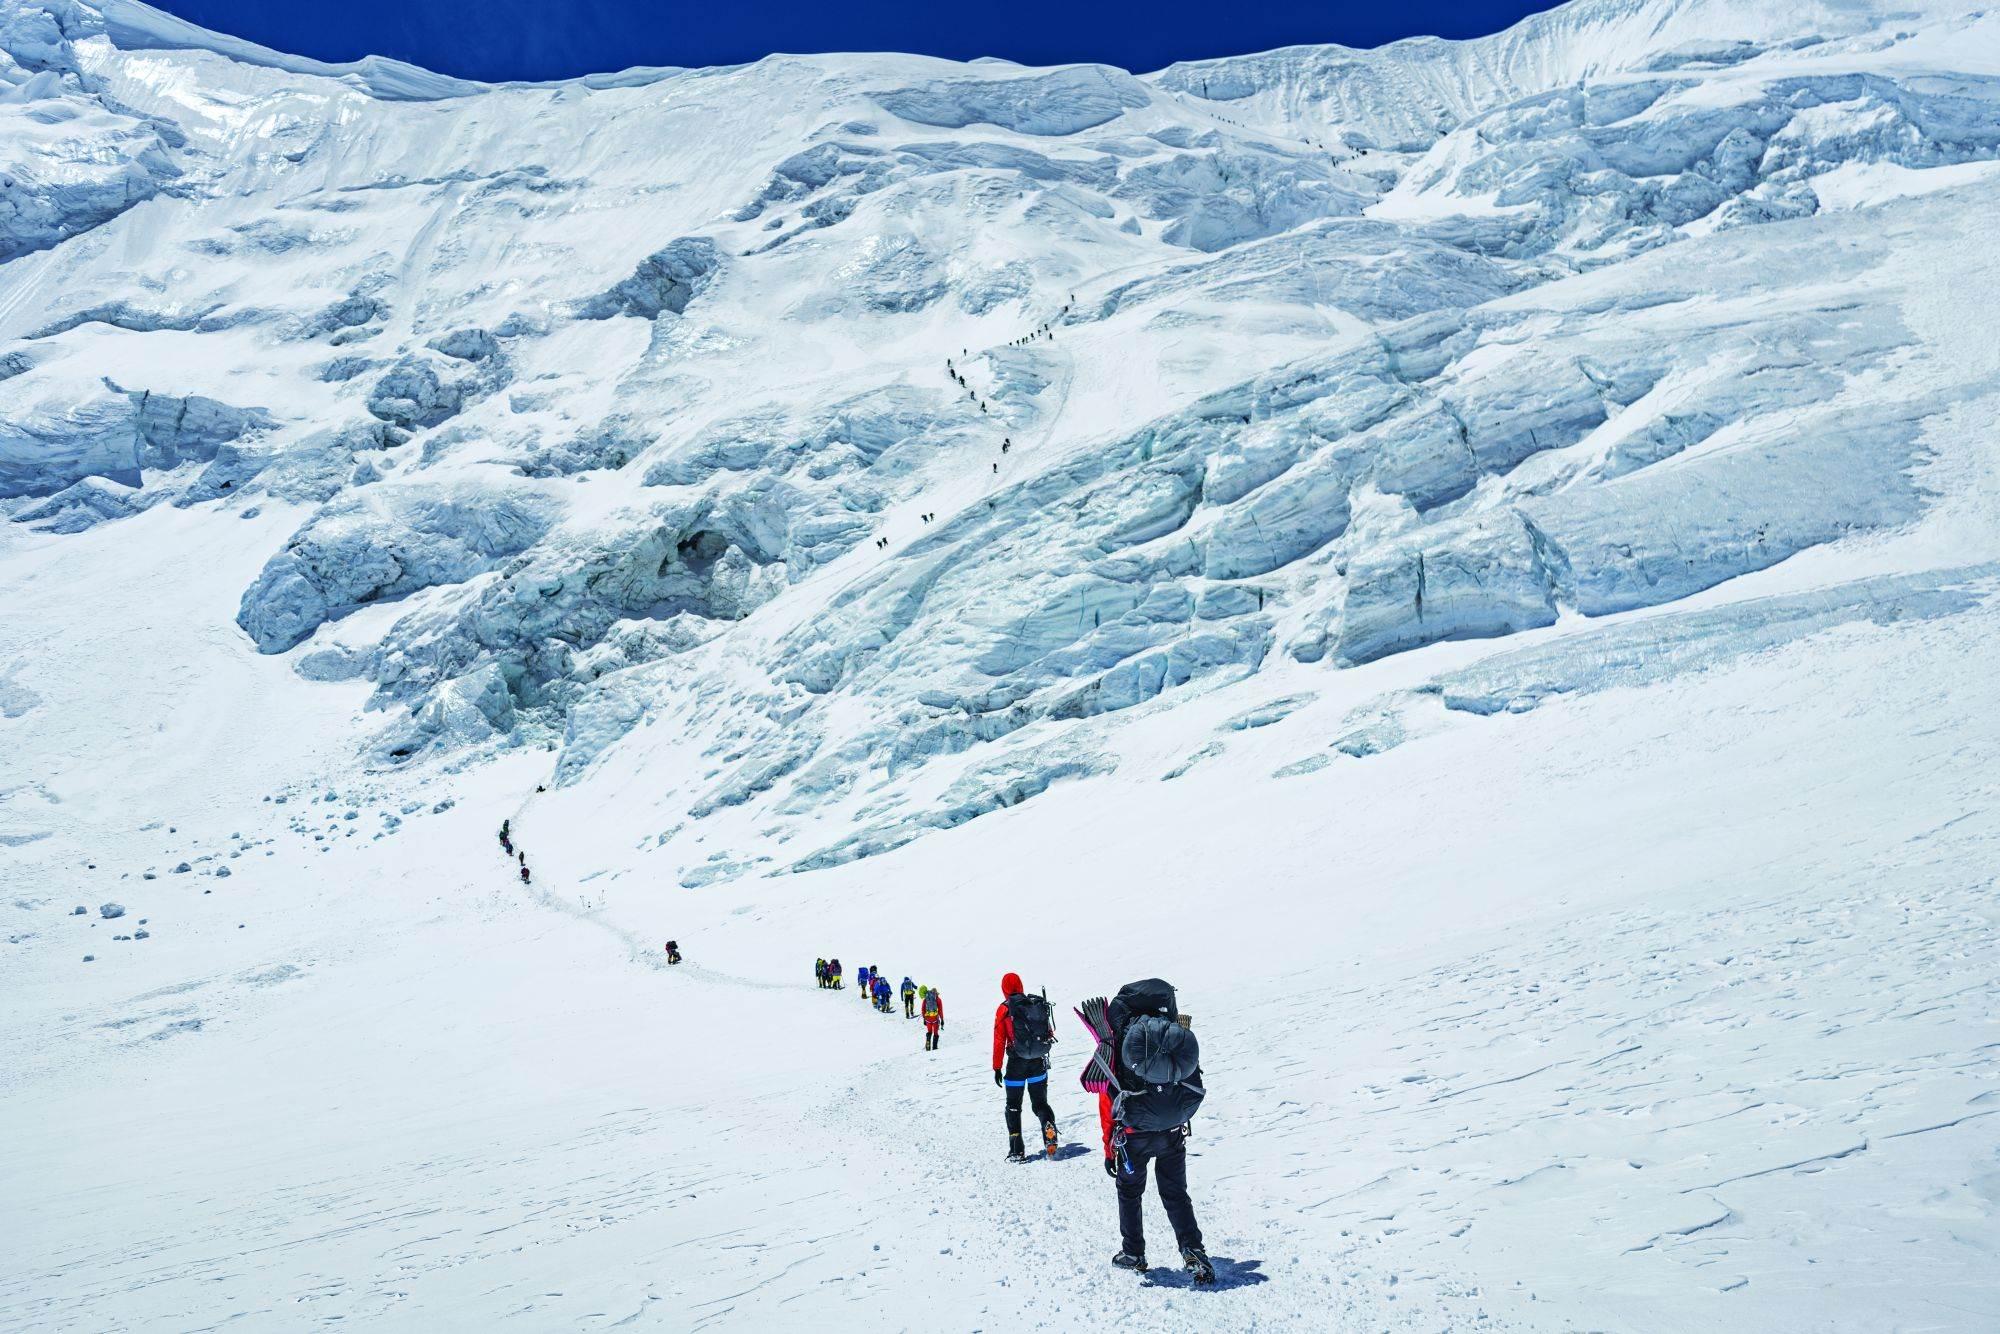 Na putu ka Severnom prevoju penjači obično provedu oko dve noći na 7.000 metara da bi se aklimatizovali za kasniji pokušaj uspona na vrh. Iako je s kineske strane daleko manja gužva nego s nepalske, ipak i ovde može da bude opasno prometno.